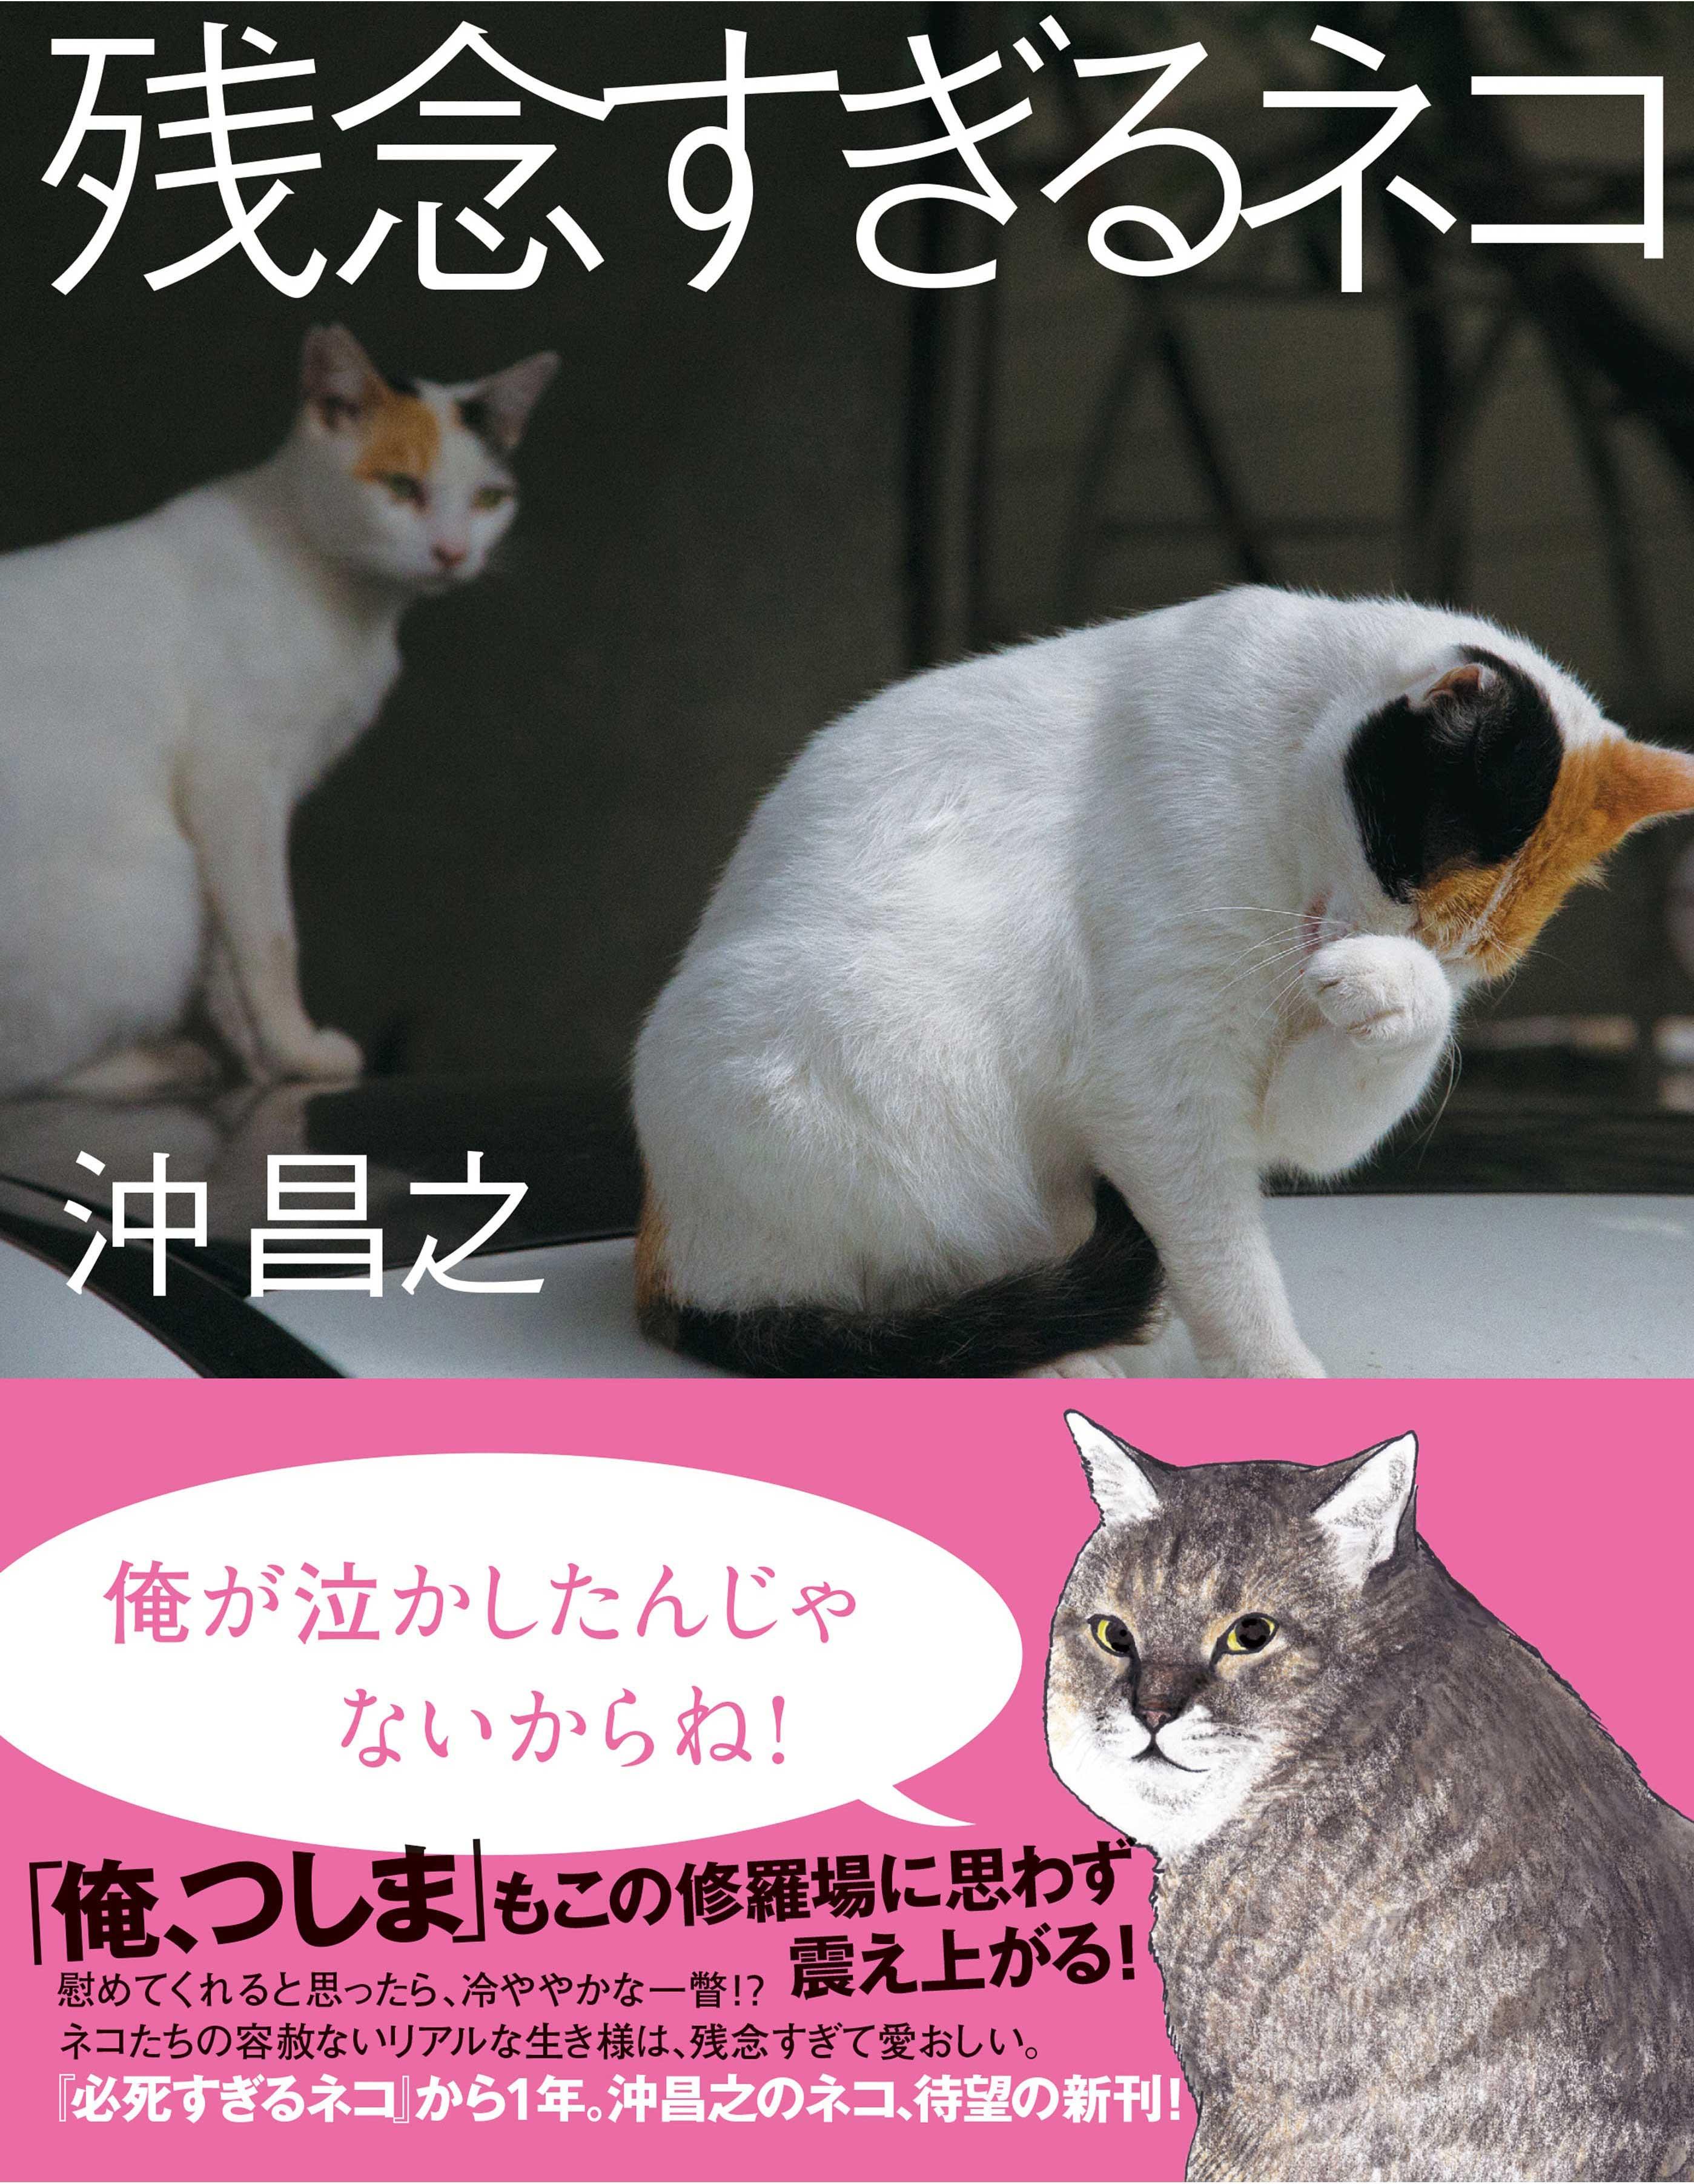 『残念すぎるネコ』<br> (大和書房、定価1,200円)